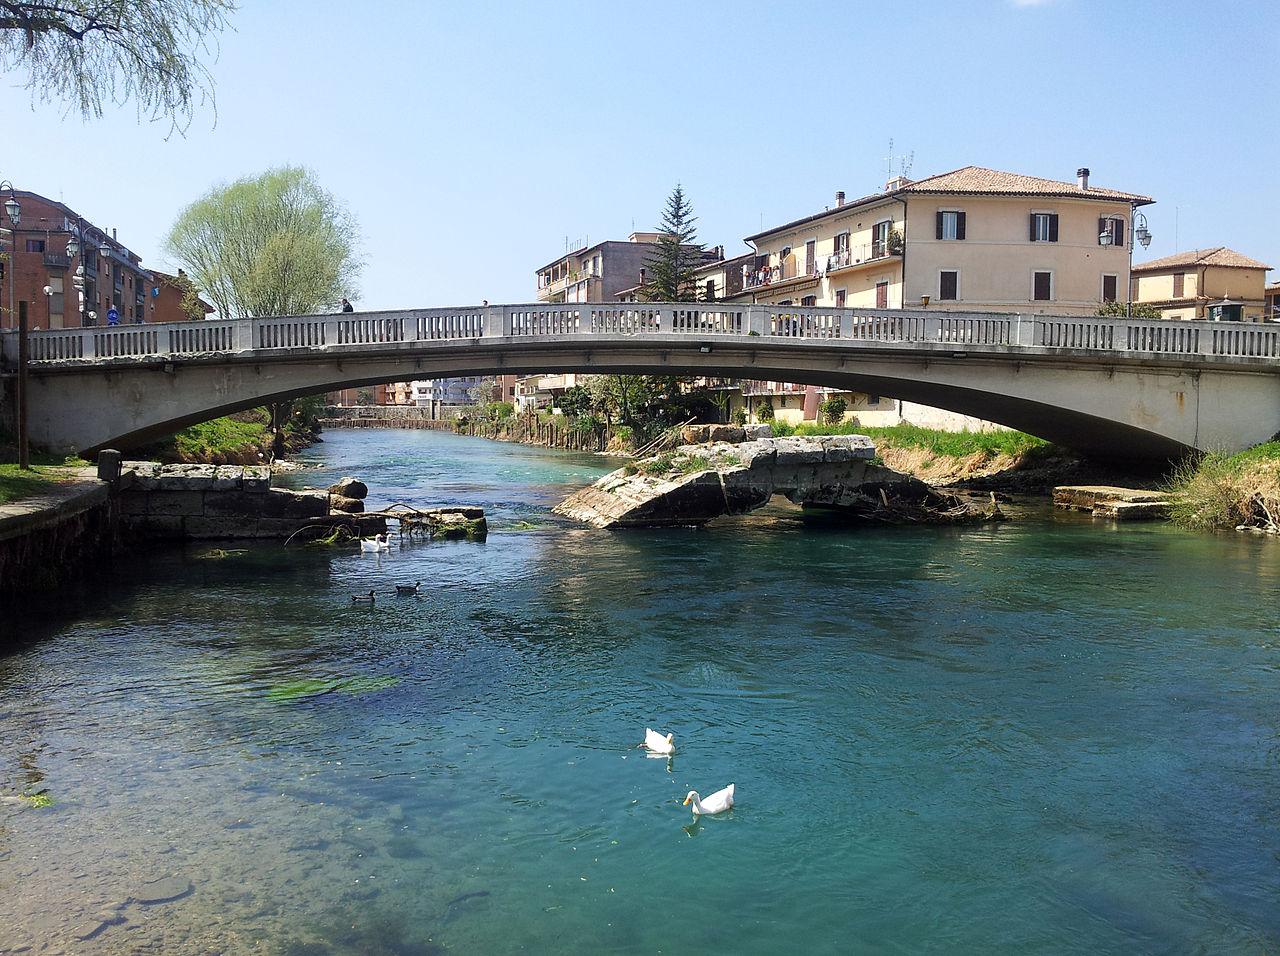 1280px-Ponte_Romano_di_Rieti_-_dalla_riva,_2